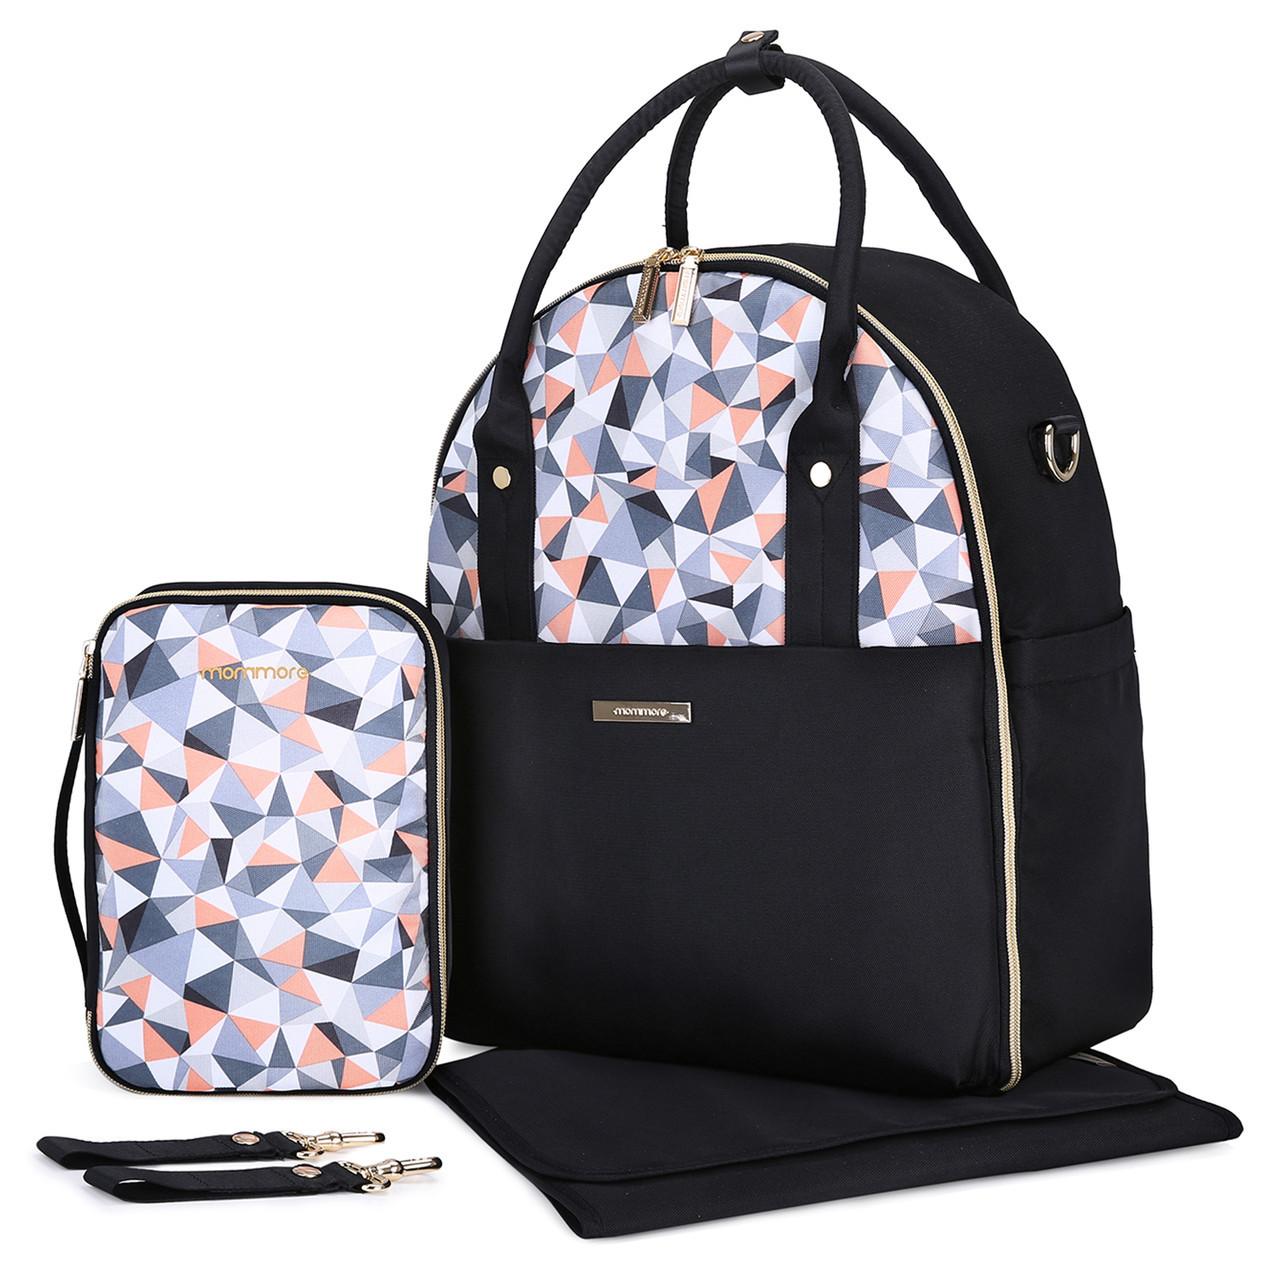 Большая сумка-рюкзак для прогулок и путешествий с младенцем  Mommore  черный для мам